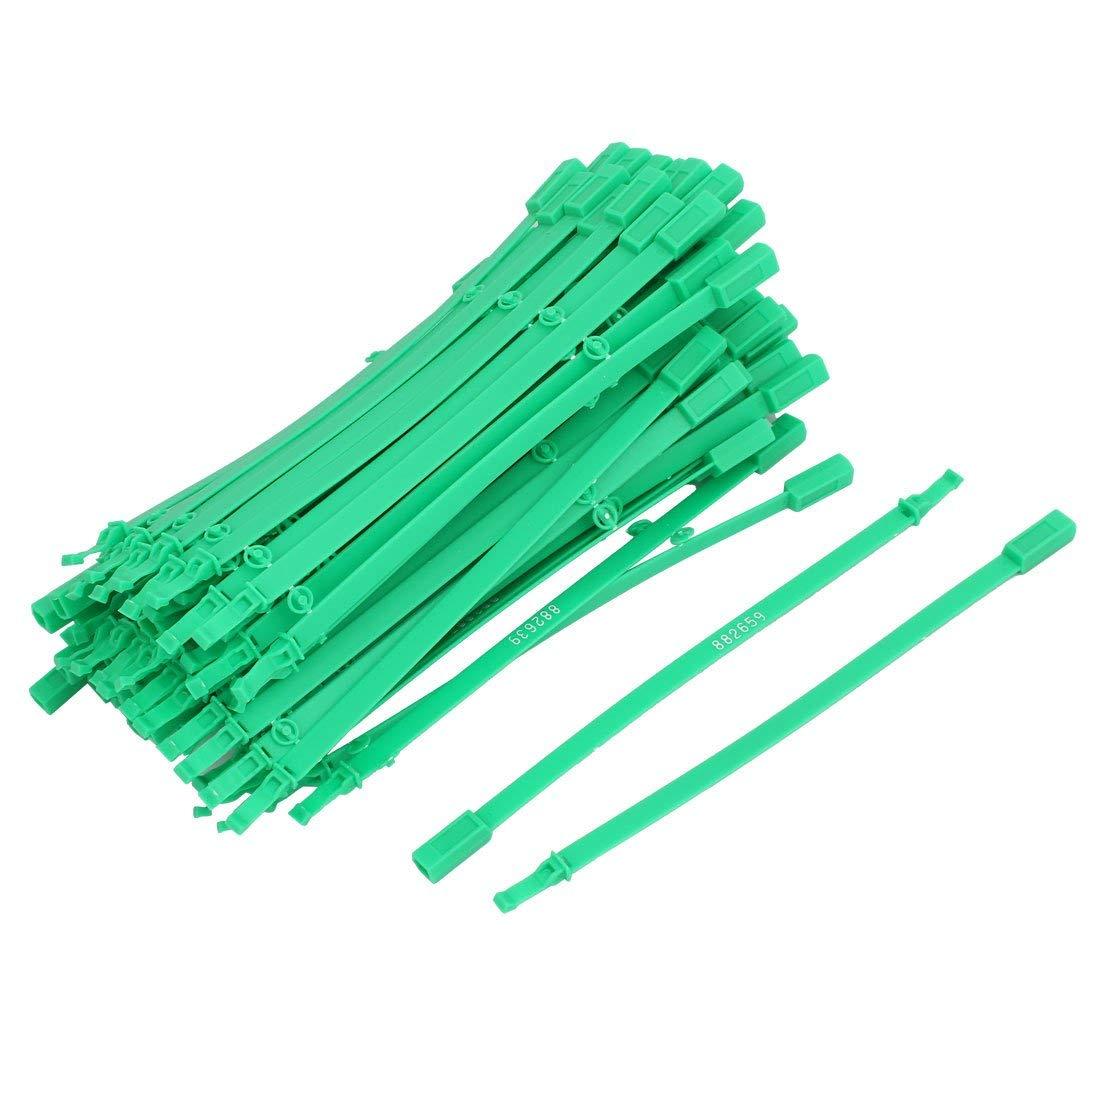 100 piezas Sujetacables de nailon cinchos autobloqueantes verde ...